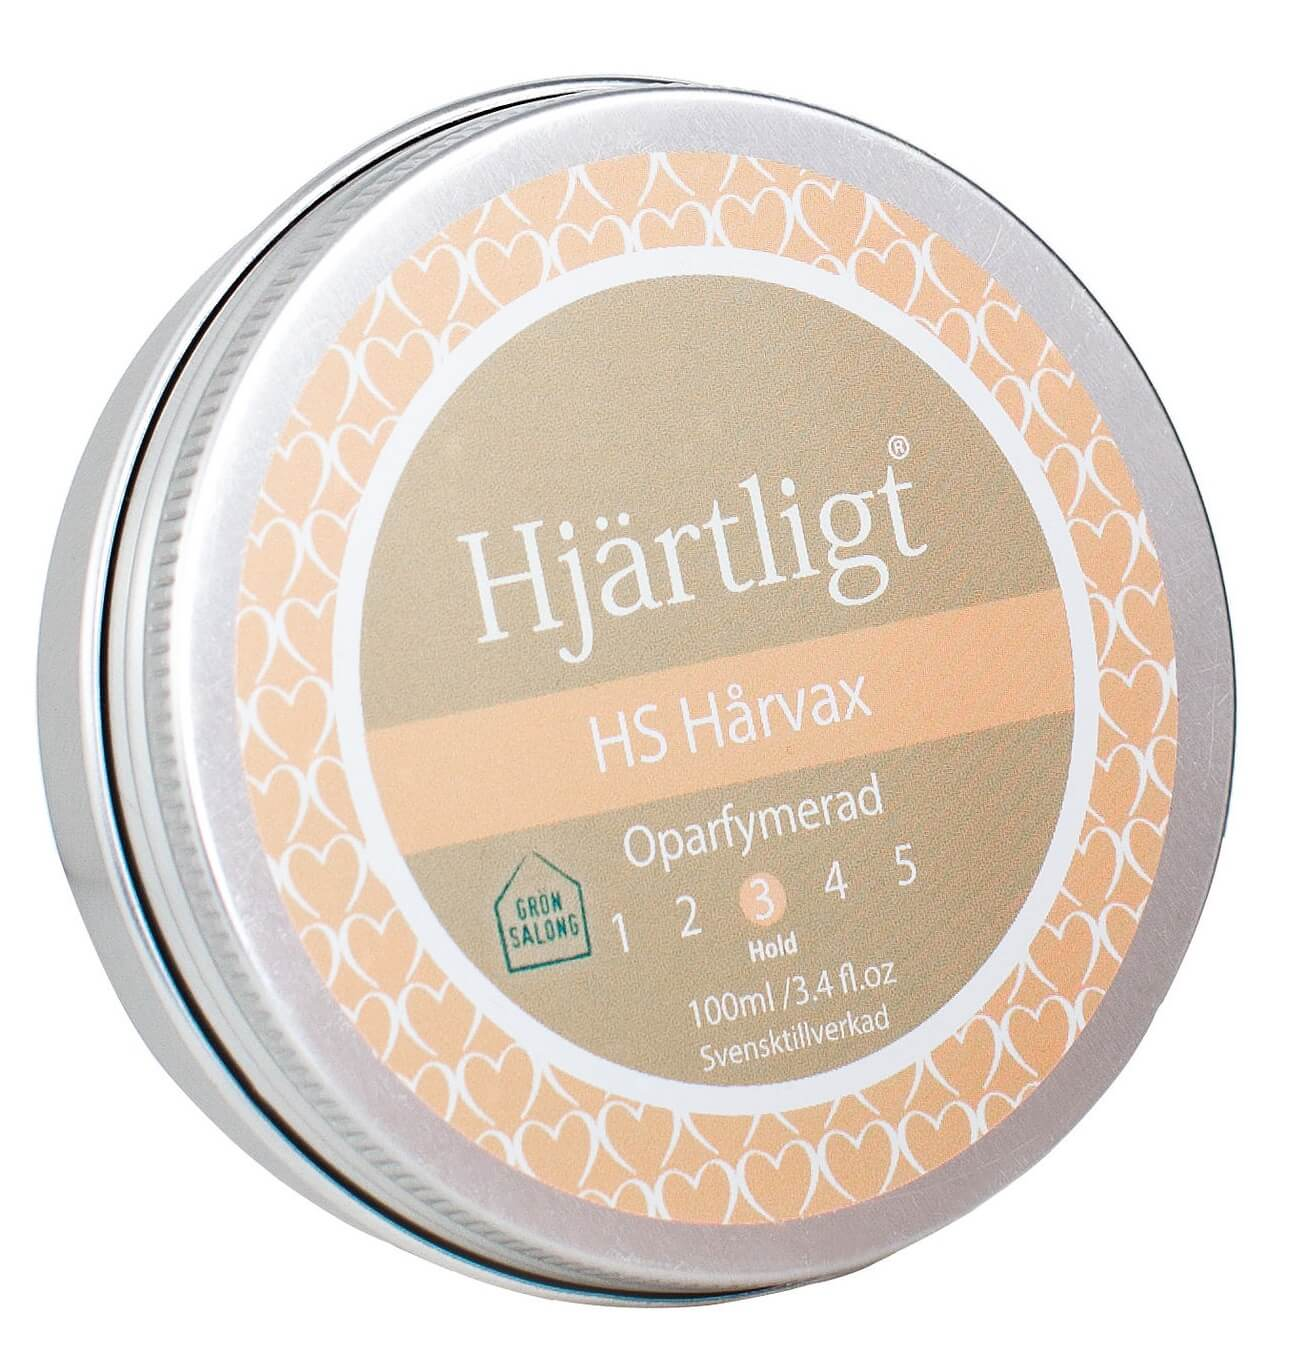 HS Hårvax